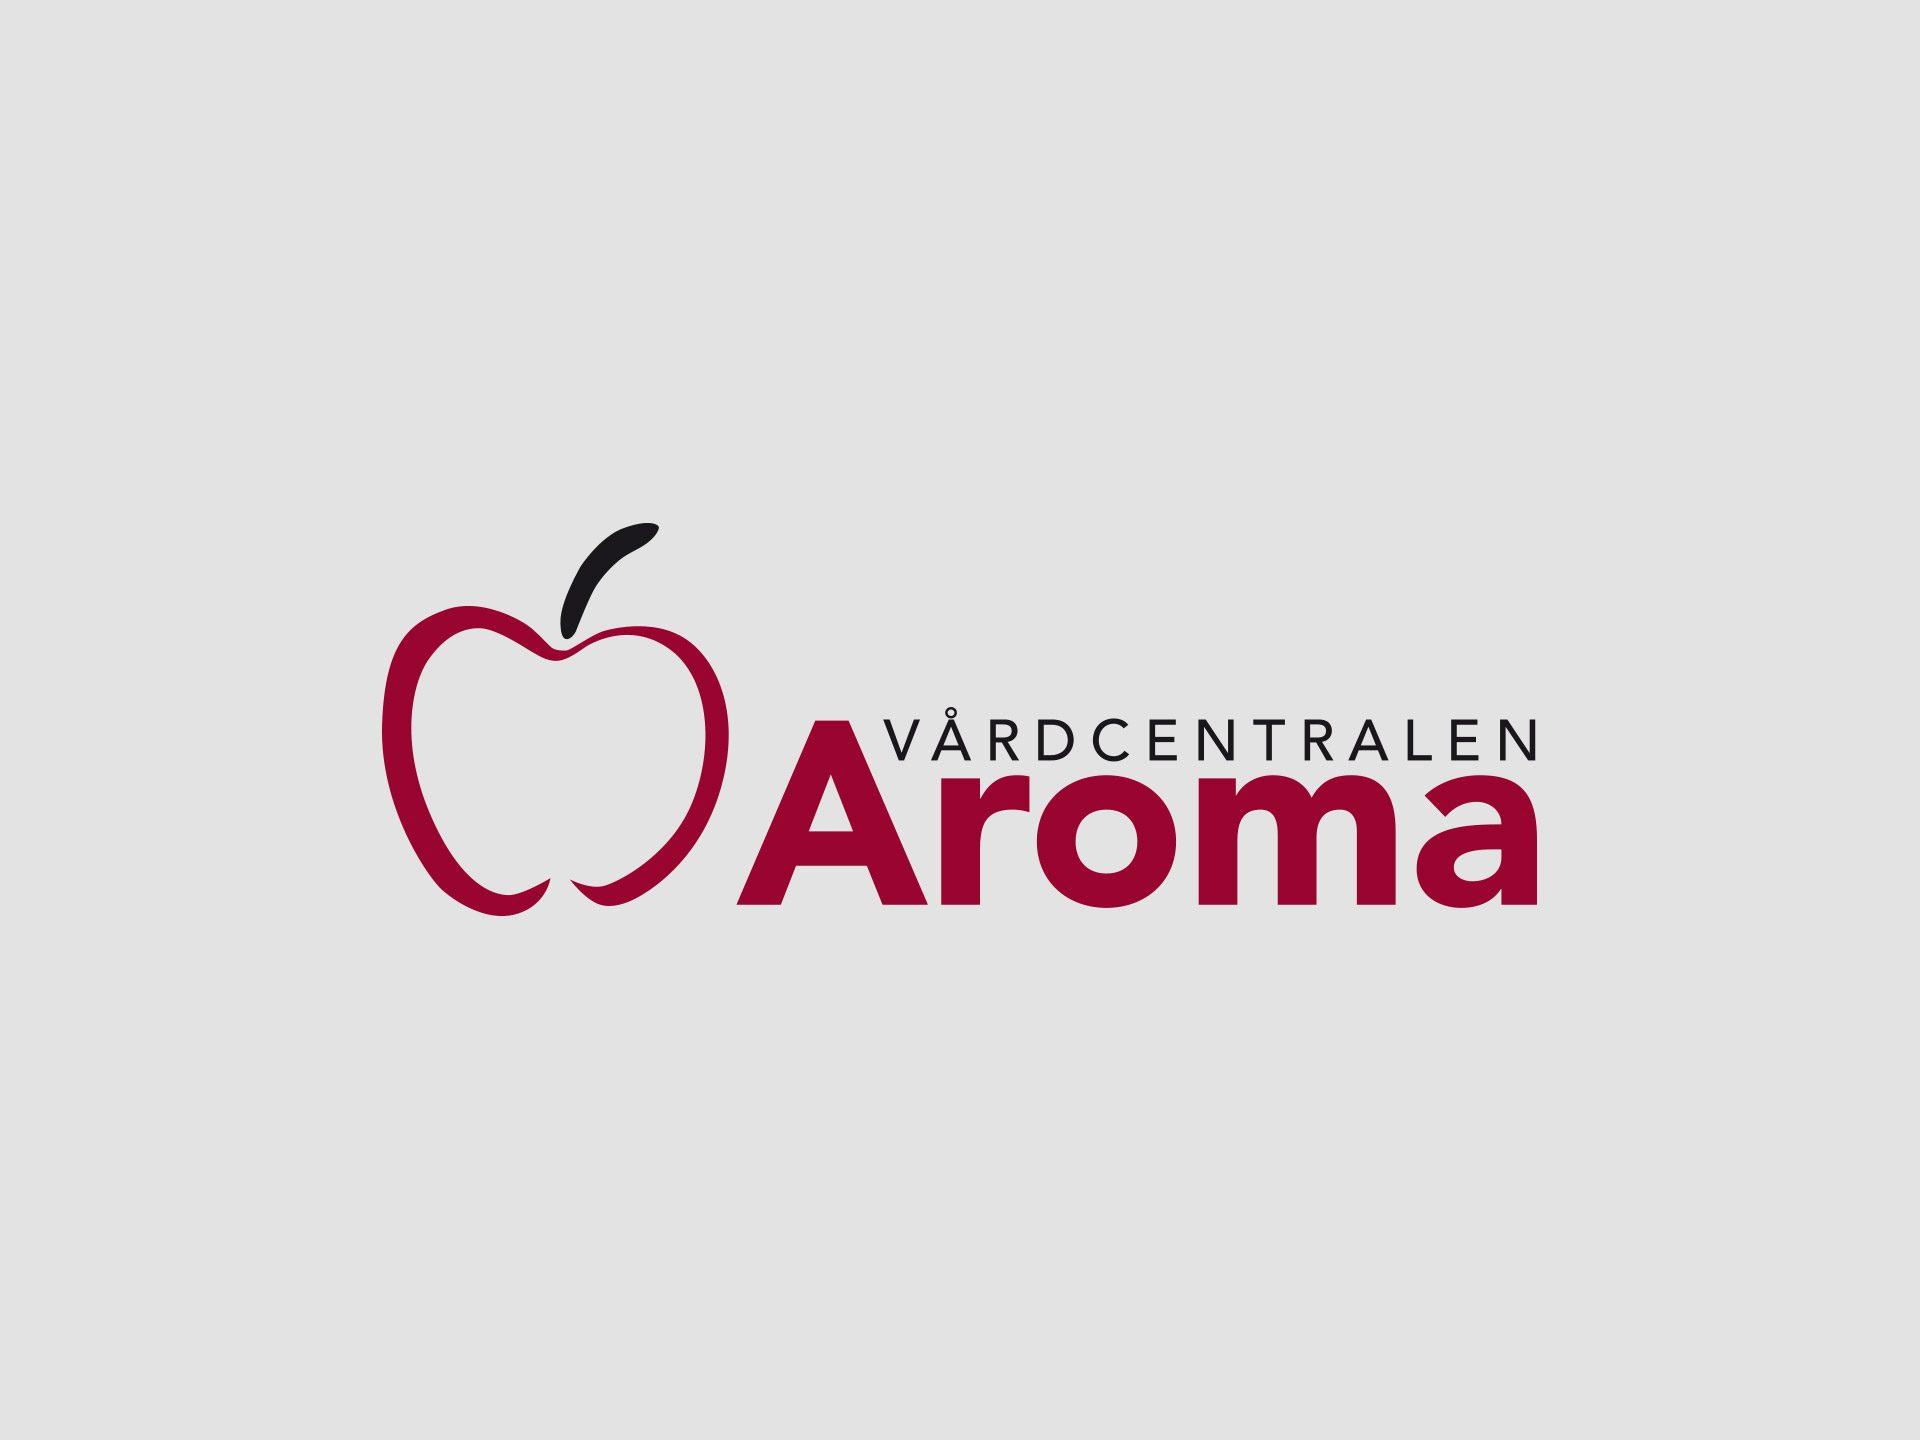 Logotyp aroma